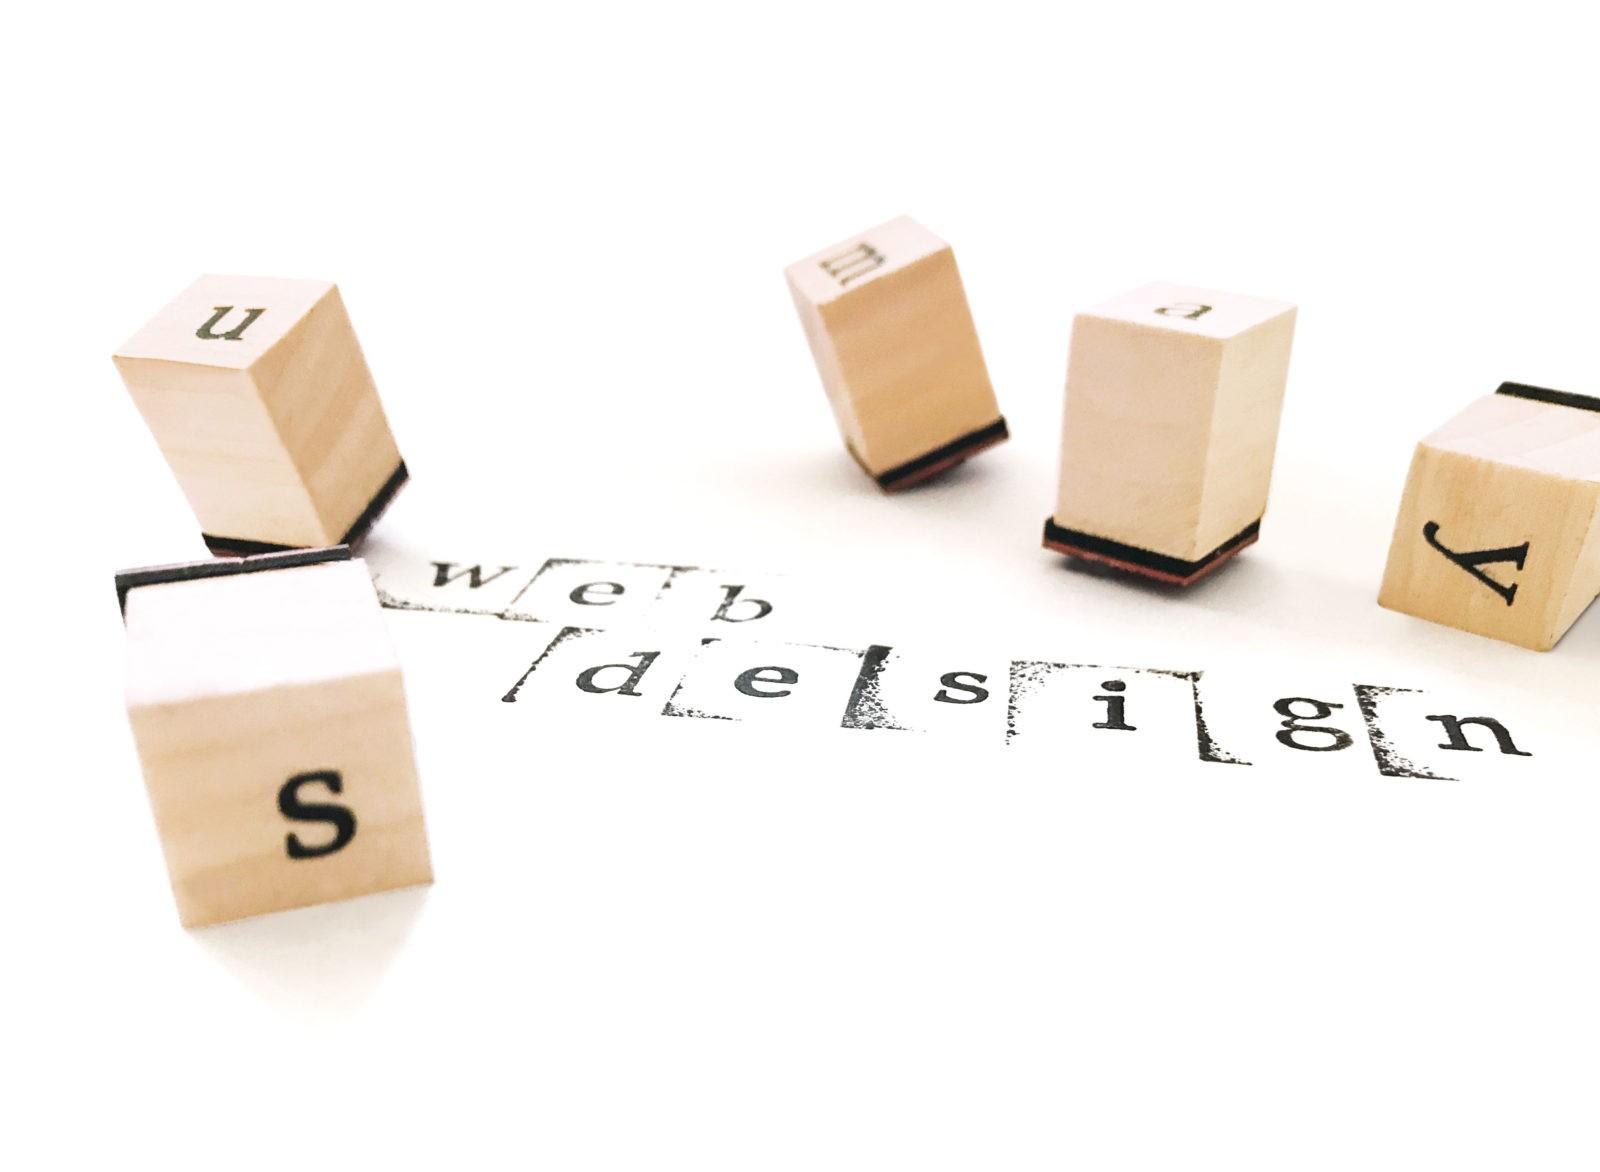 Buchstabenstempel wirr verteilt auf weißem Hintergrund mit einem Stempel-Schriftzug